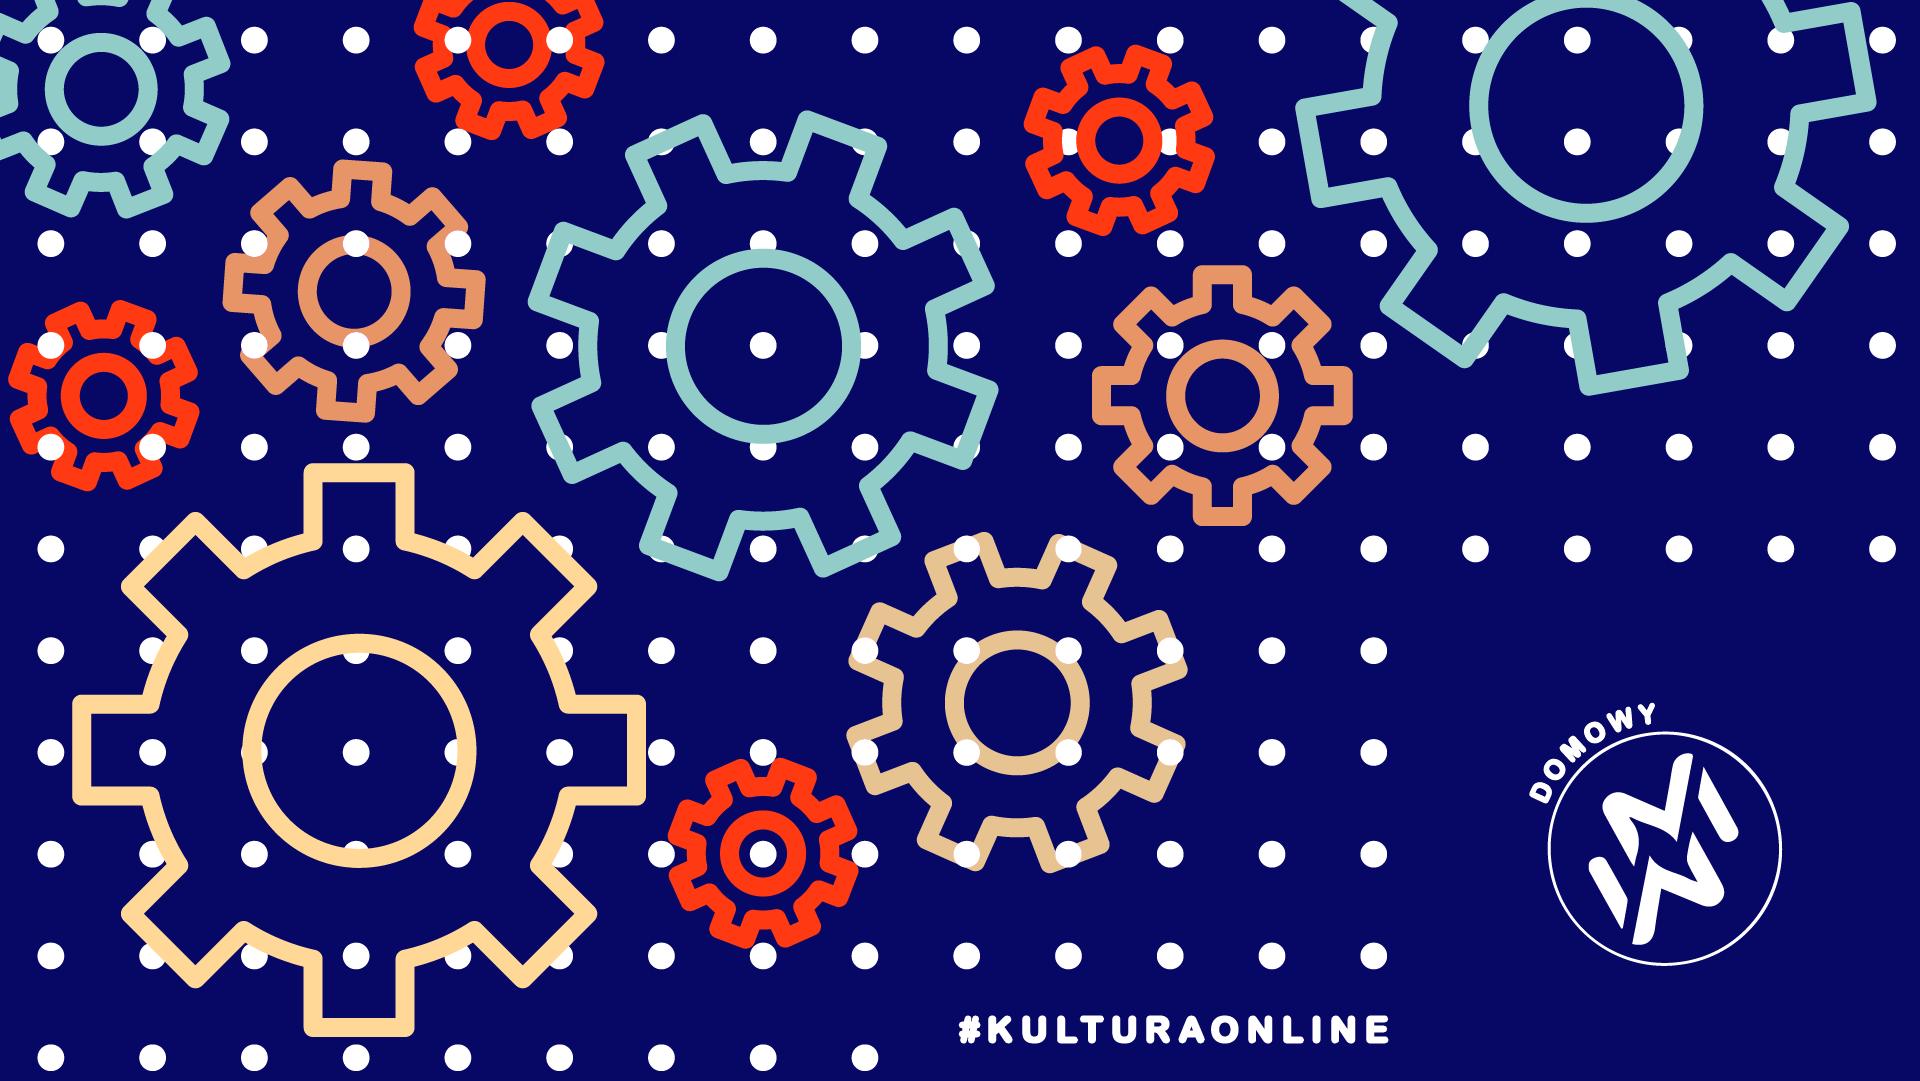 Ilustracja przedstawia kolorowe koła zębate na granatowym tle, logo domowy Warsztat Medialabowy, napis #kulturaonline